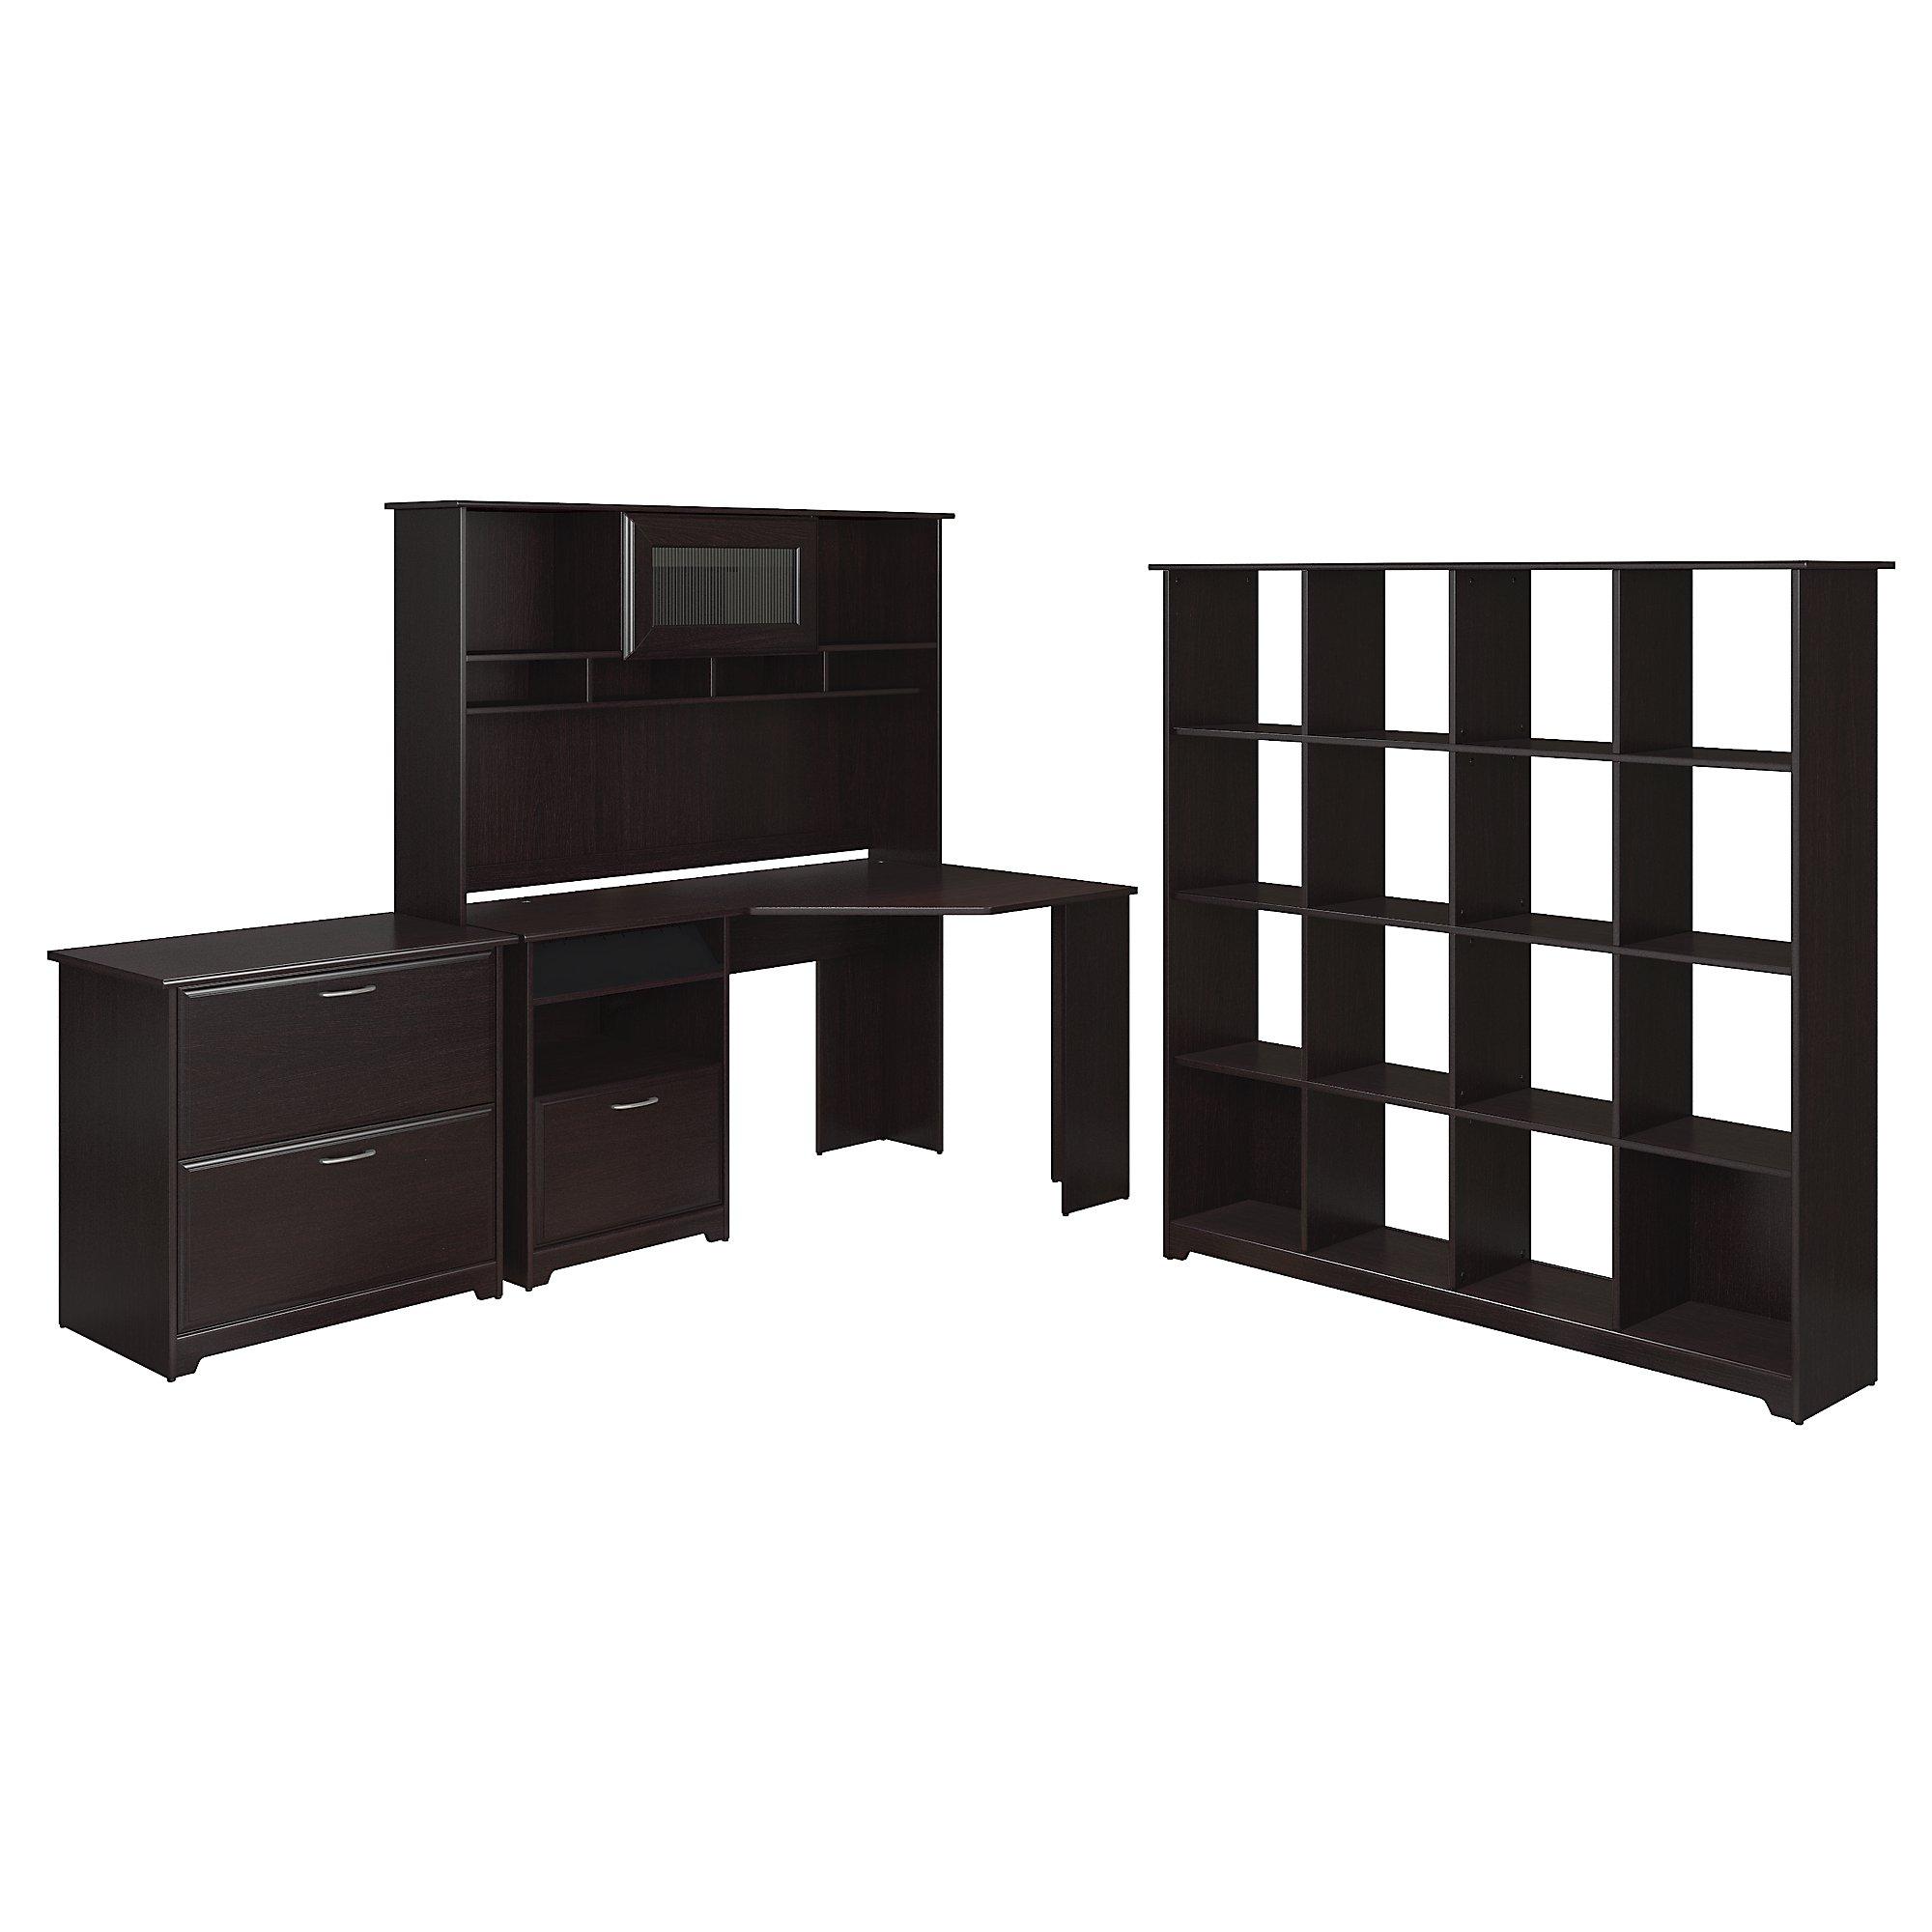 Bush Furniture Cabot Collection 60w Corner Desk Hutch 16